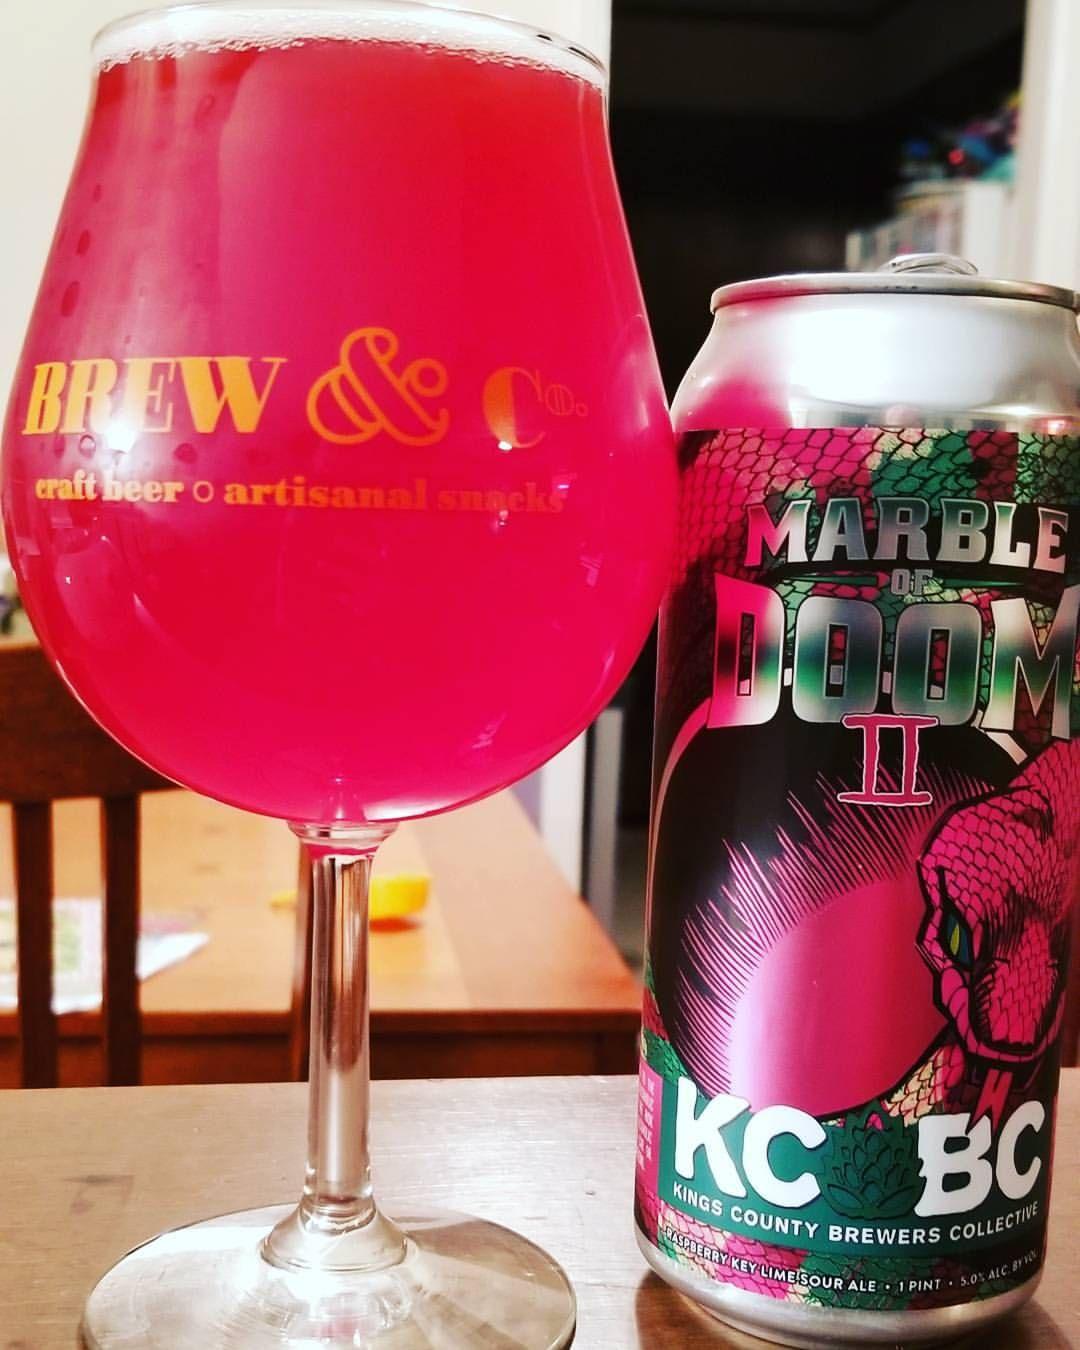 Kcbc Marble Of Doom Ii Craft Beer Best Beer Brewing Co